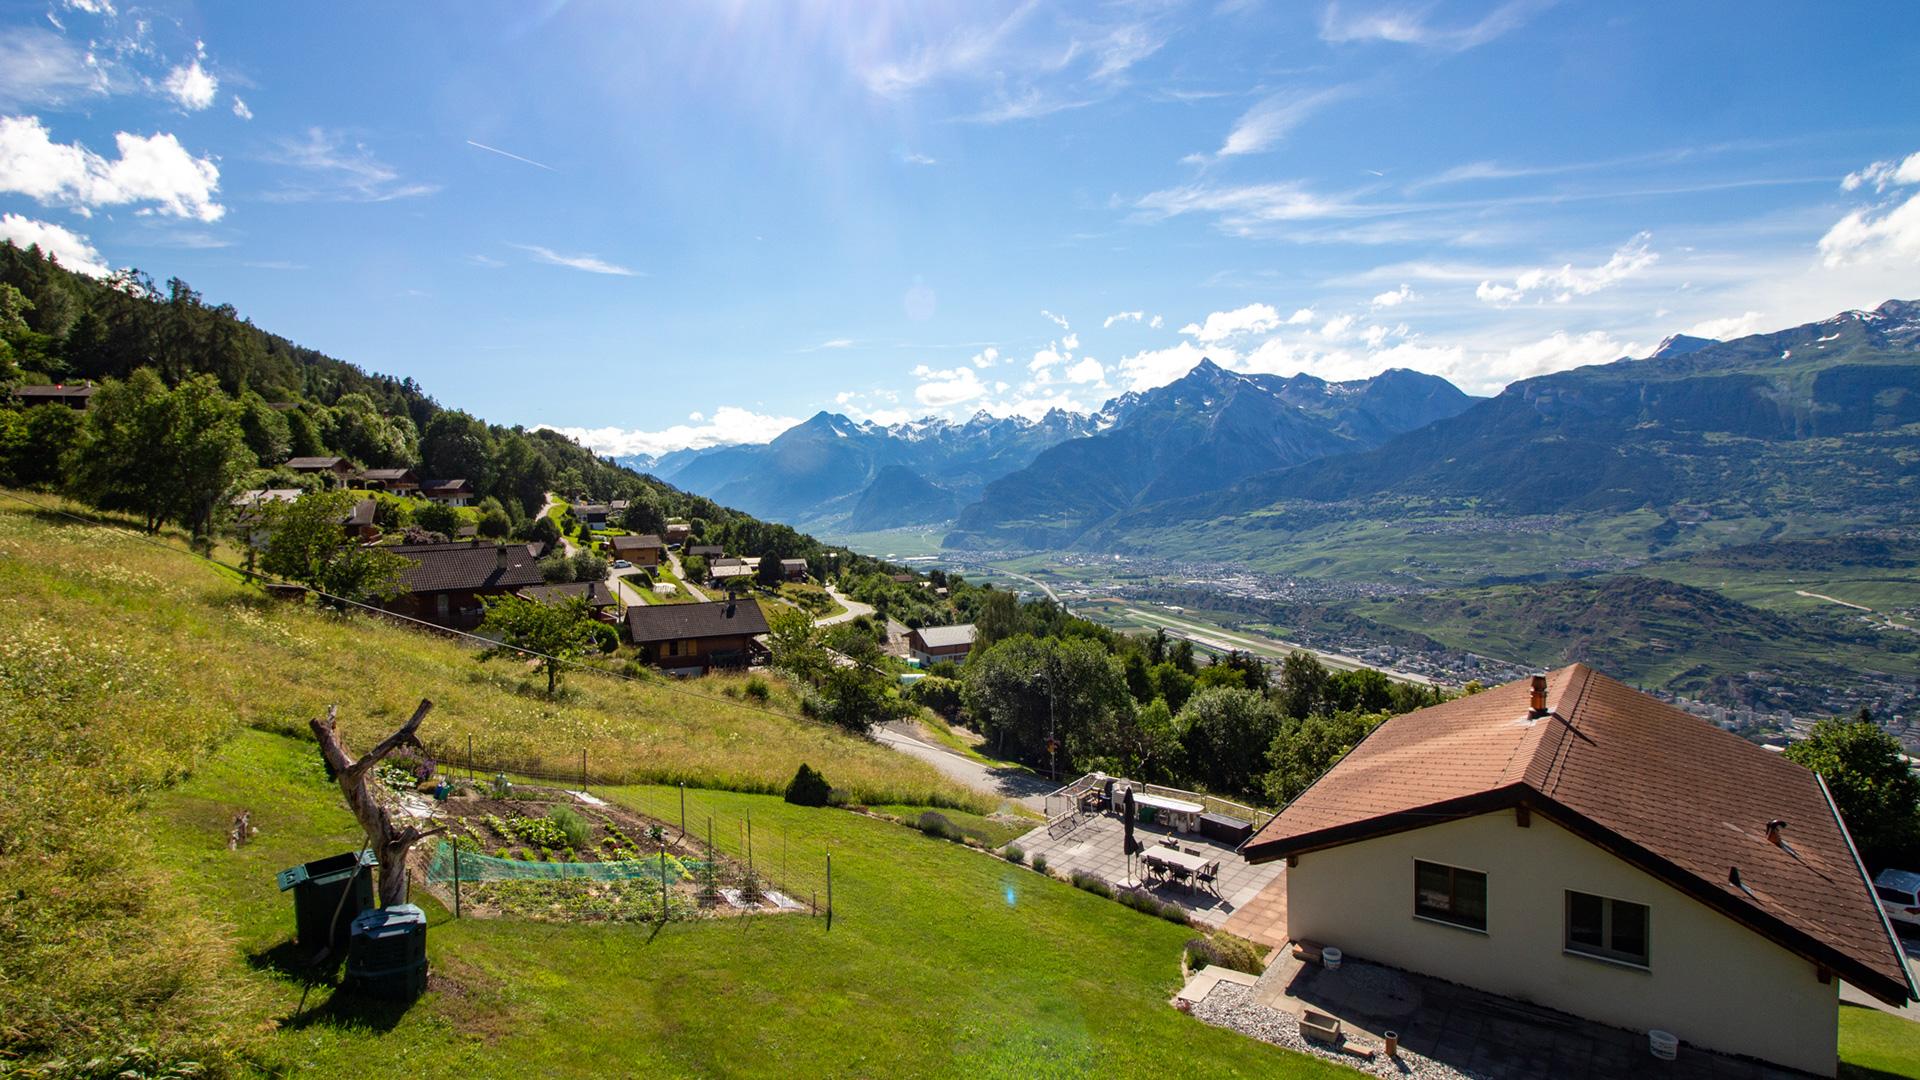 Chalet Bellevue Chalet, Switzerland